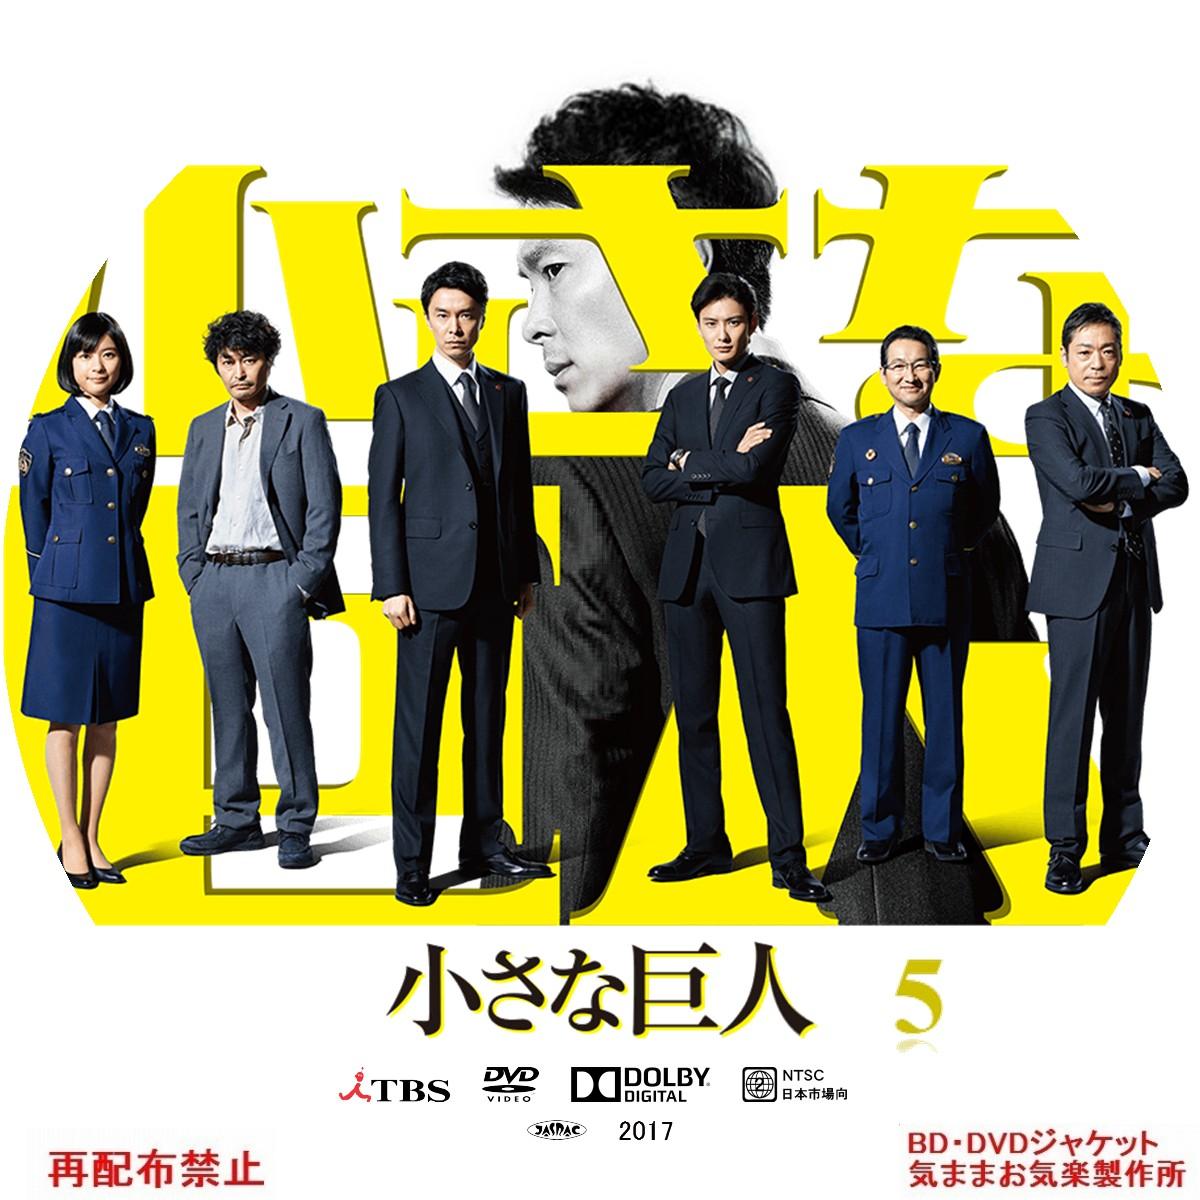 chiisana_kyojin_DVD05.jpg